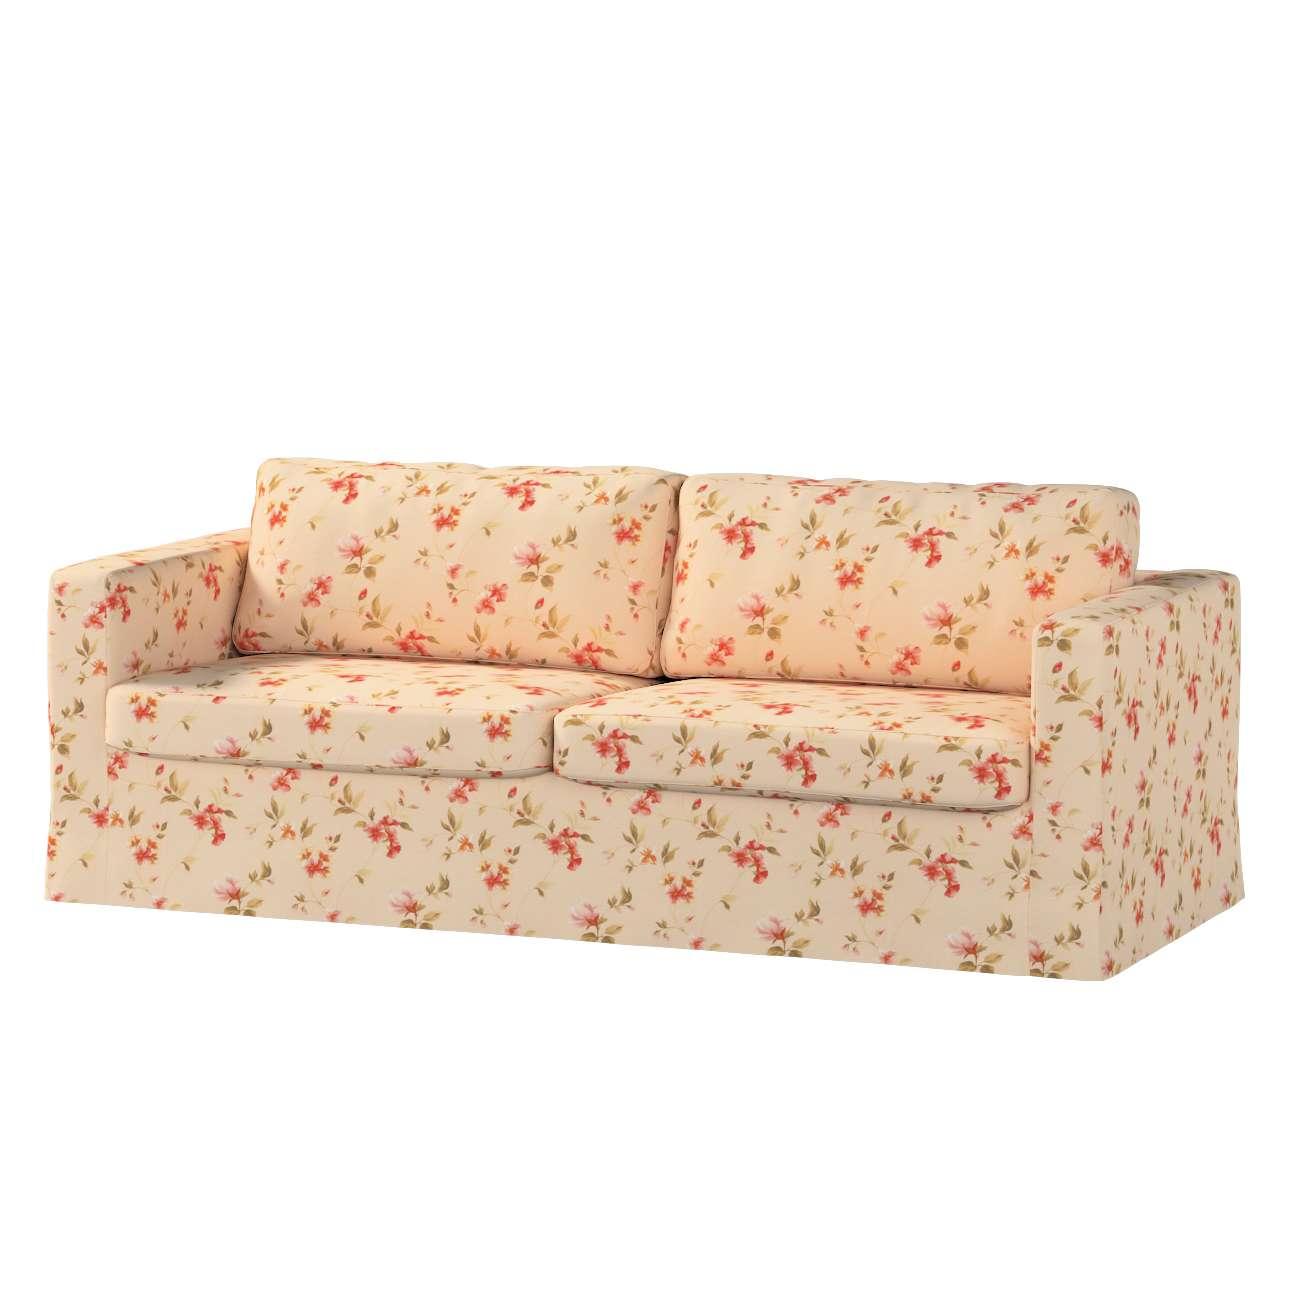 Karlstad klädsel 3-pers. soffa -  lång - 204cm i kollektionen Londres, Tyg: 124-05